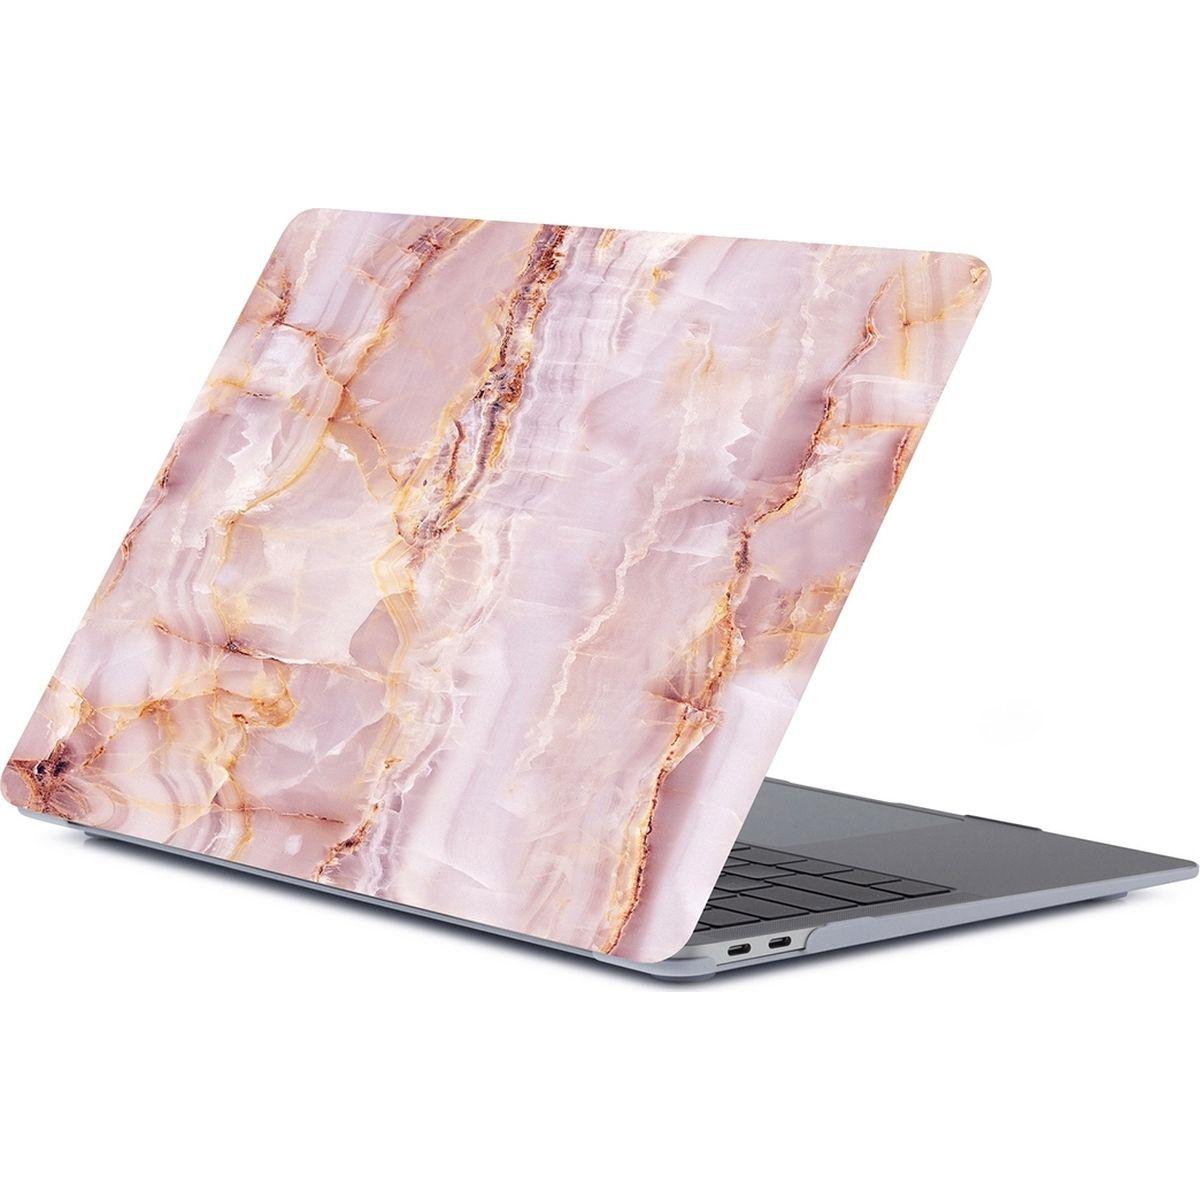 Mobigear Marmor Case für MacBook Air 13 Zoll - Pink 578773 -  huellendirekt.de